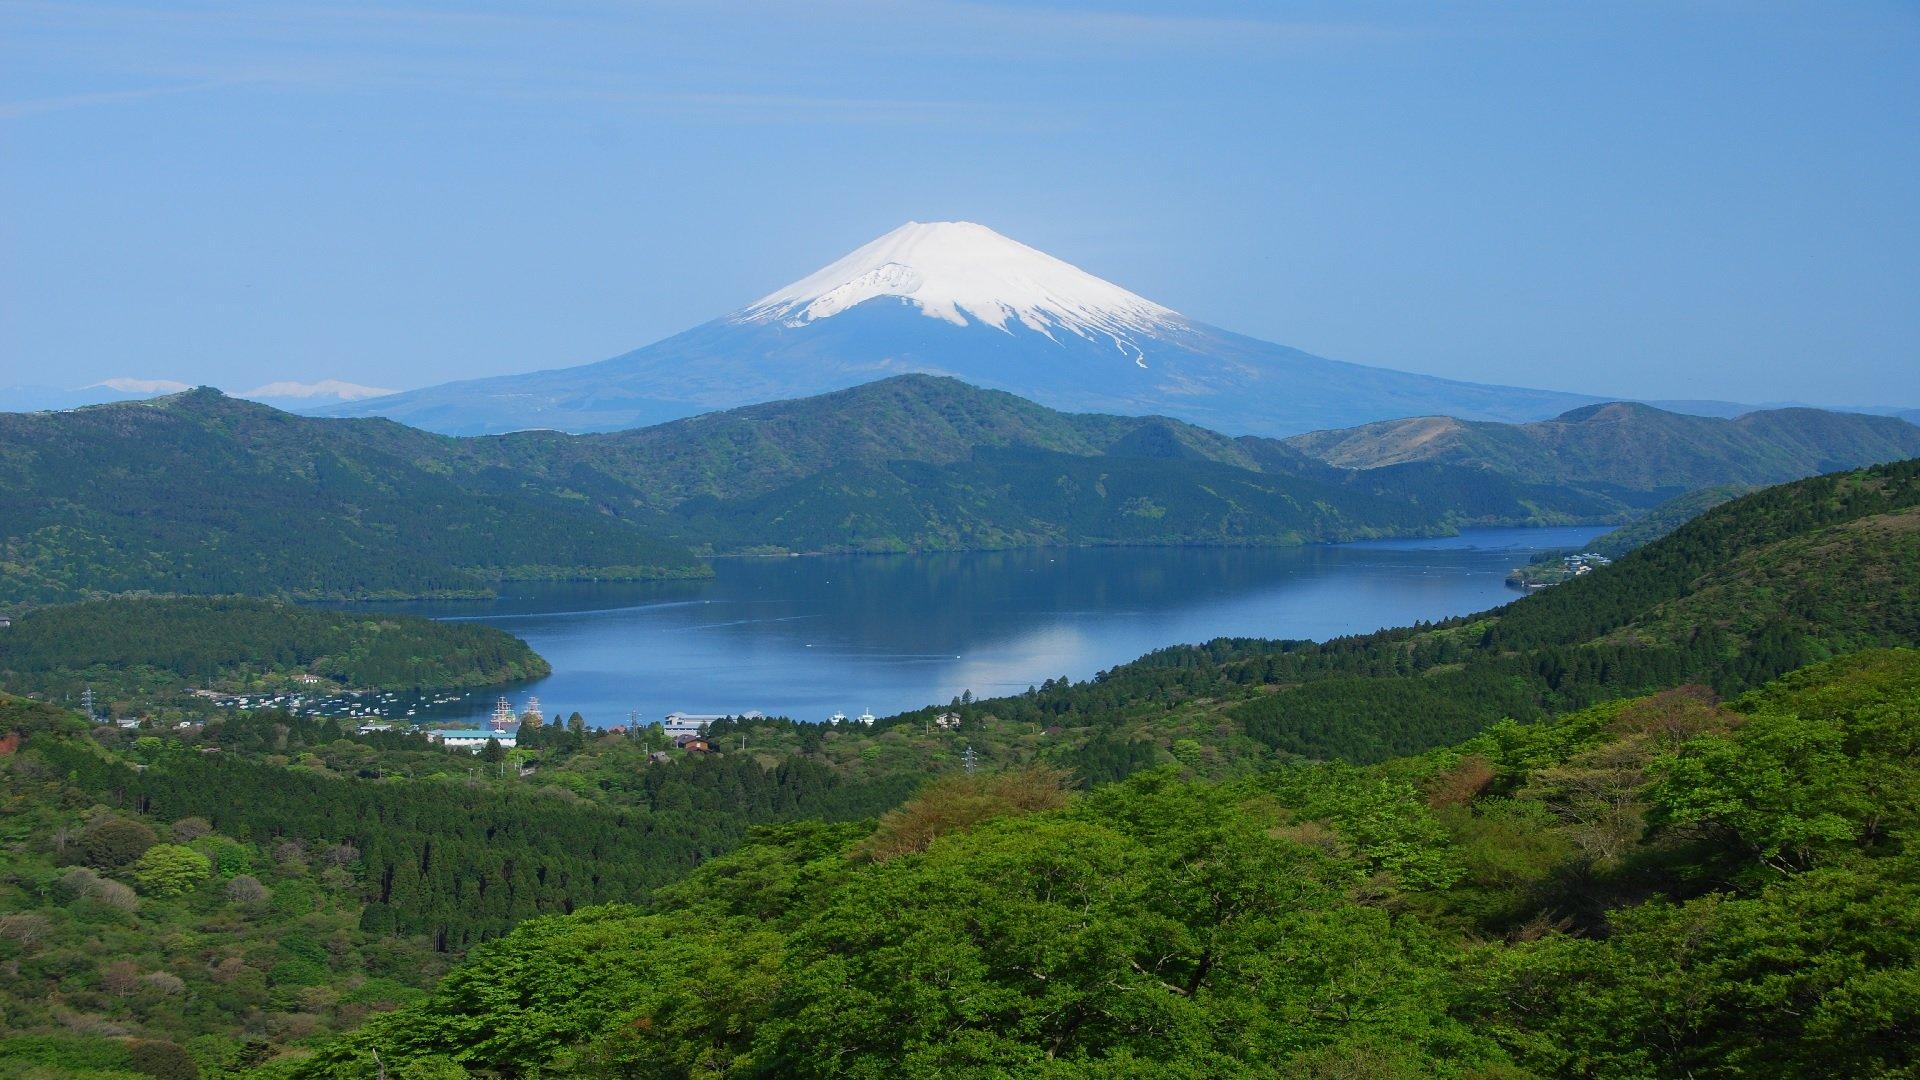 Жемчужины Канто: Токио, Камакура, Йокогама, Хаконе